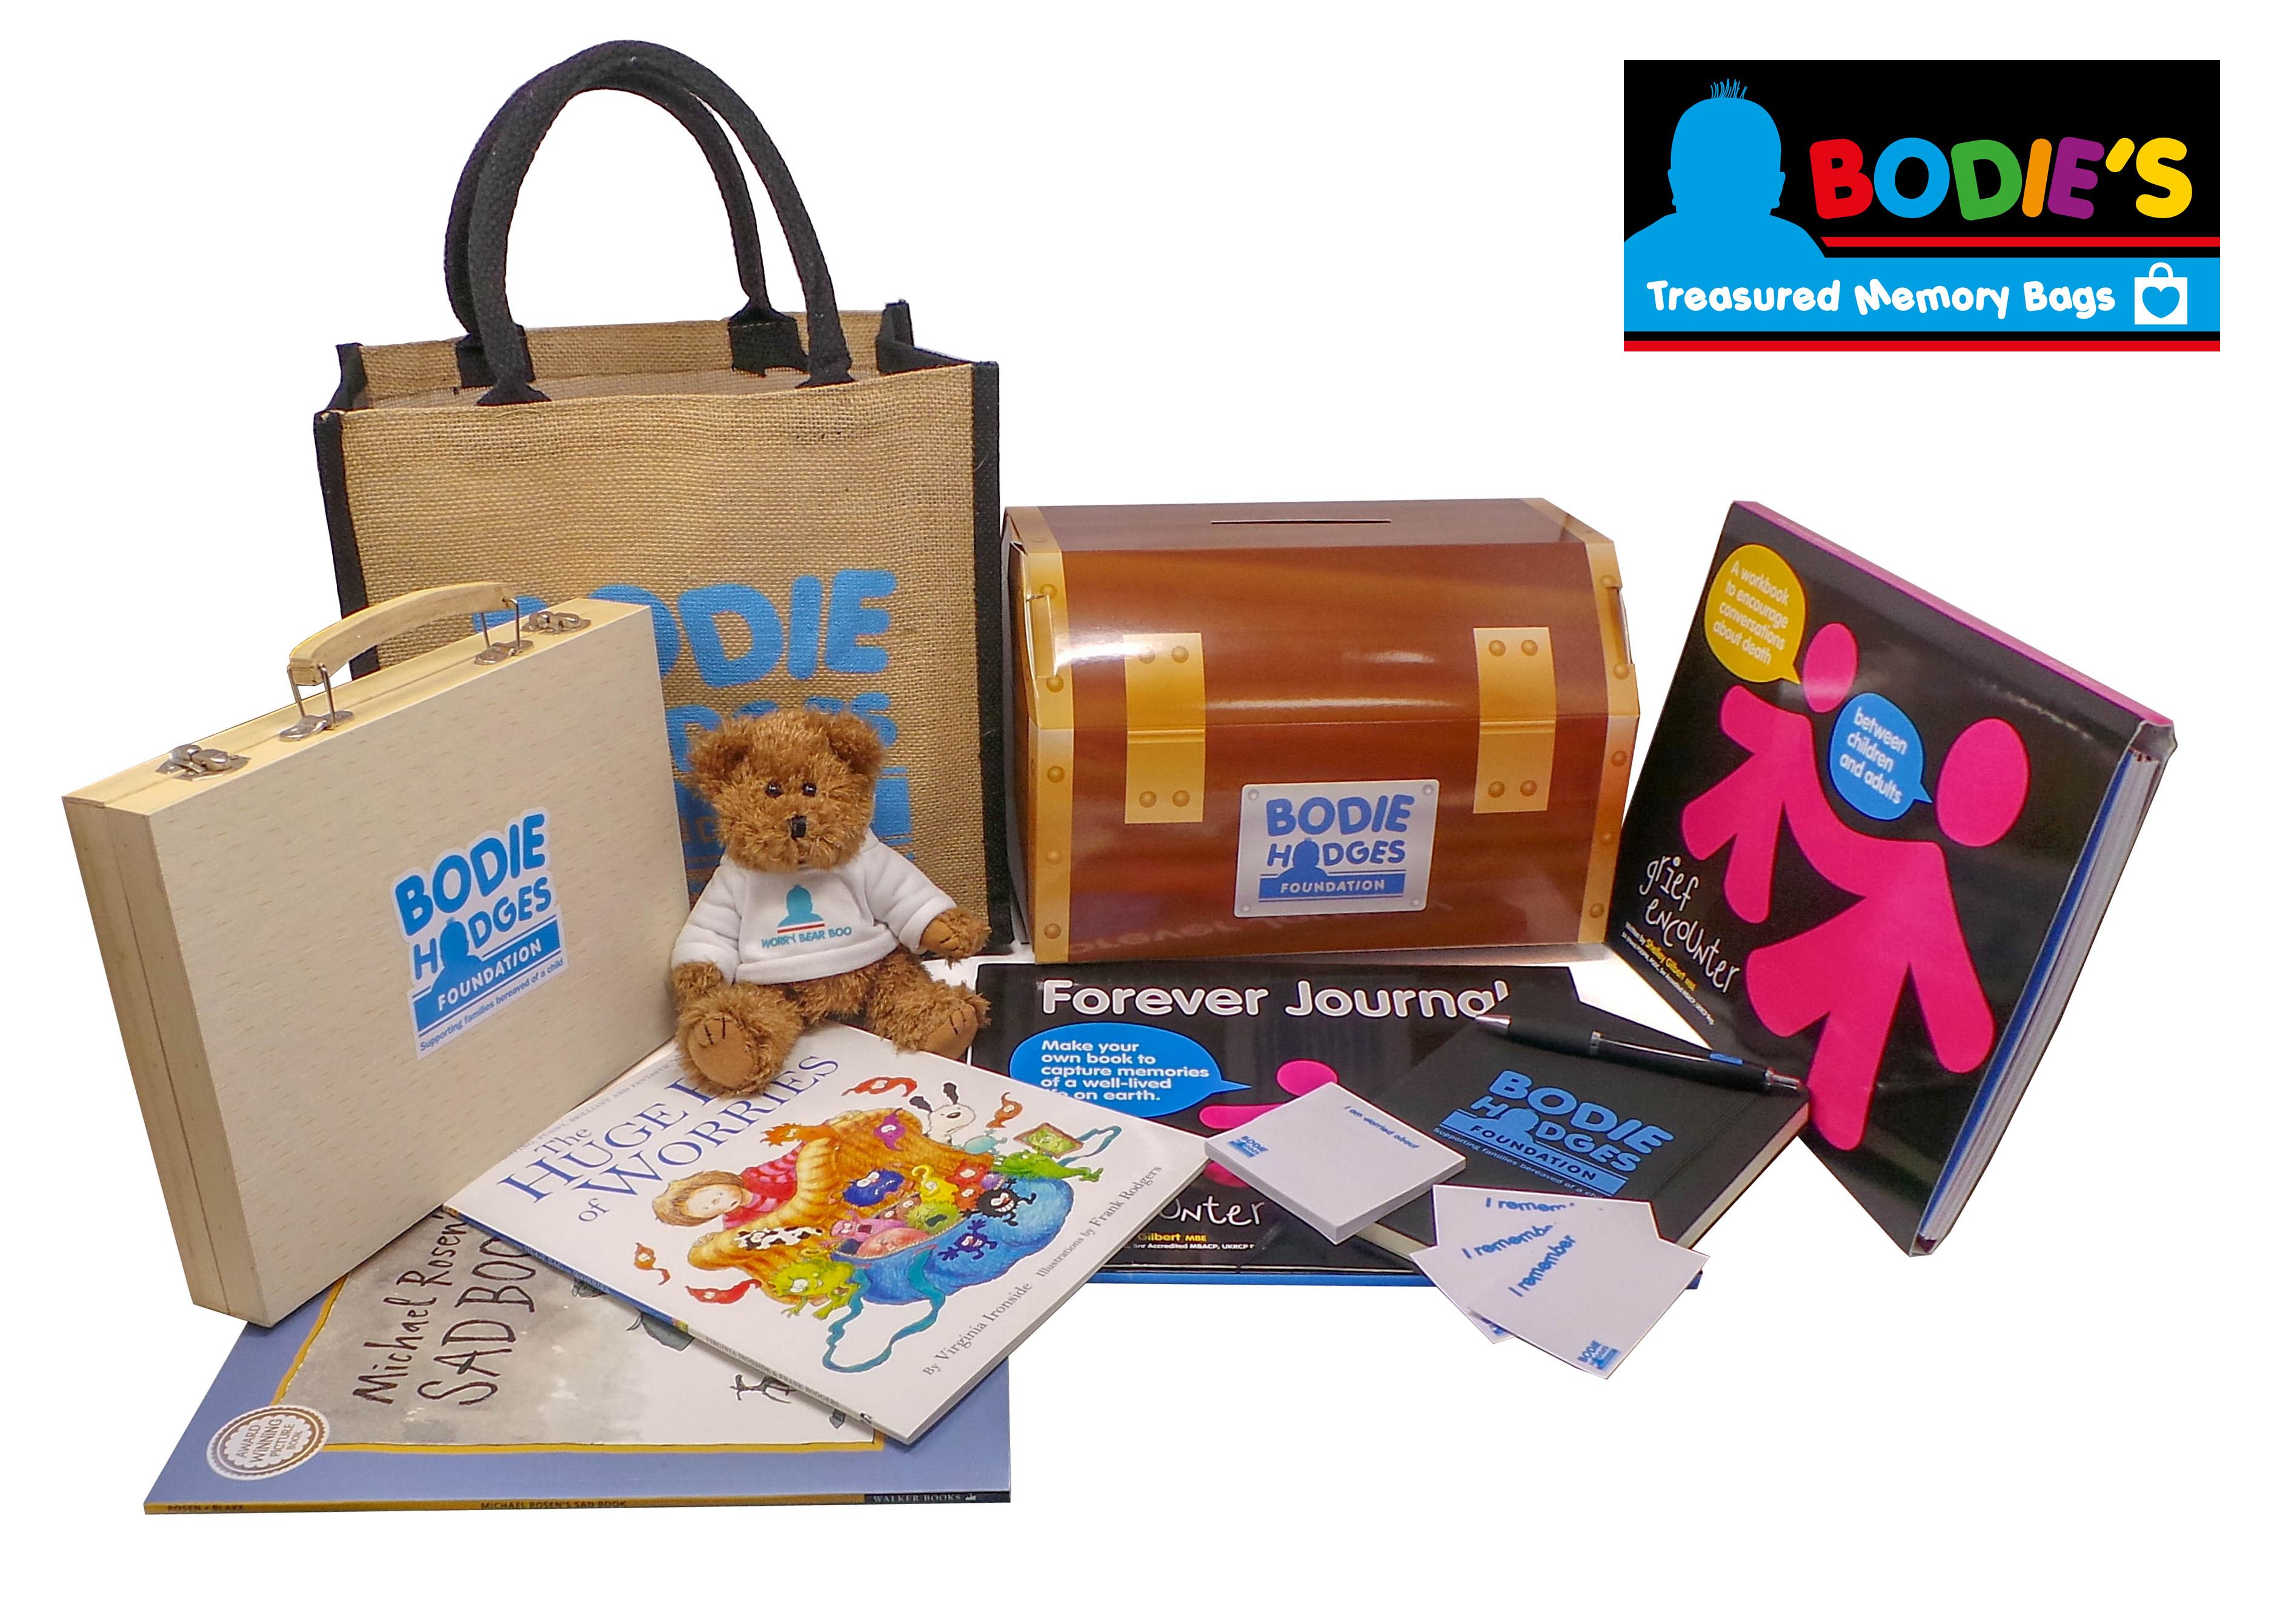 Bodie's Treasured Memory Bags